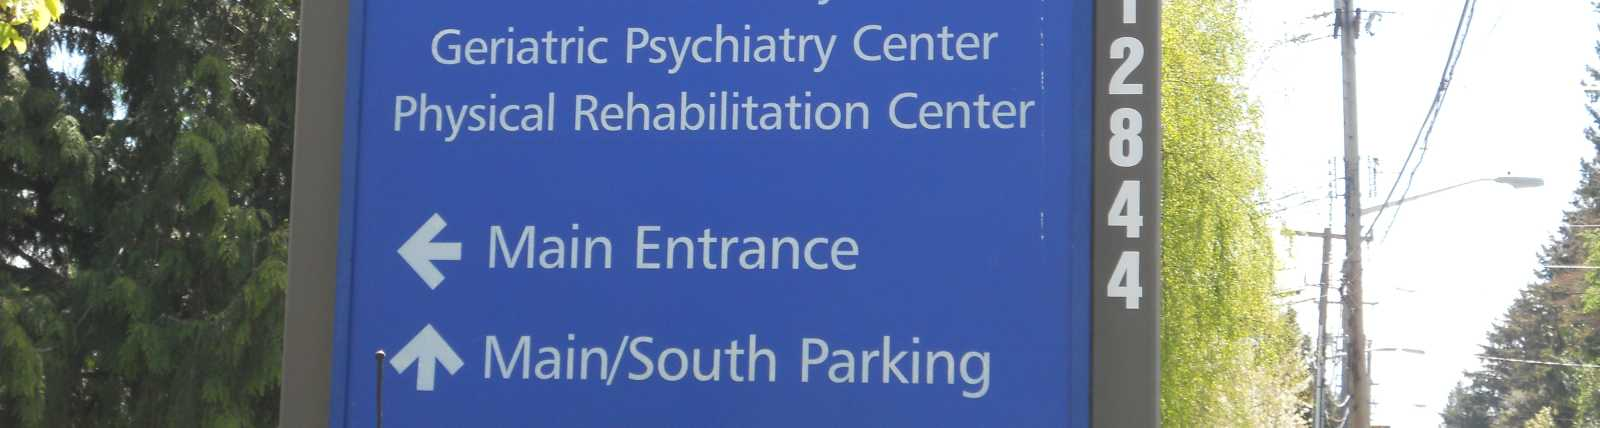 HIGHLINE MEDICAL CENTER